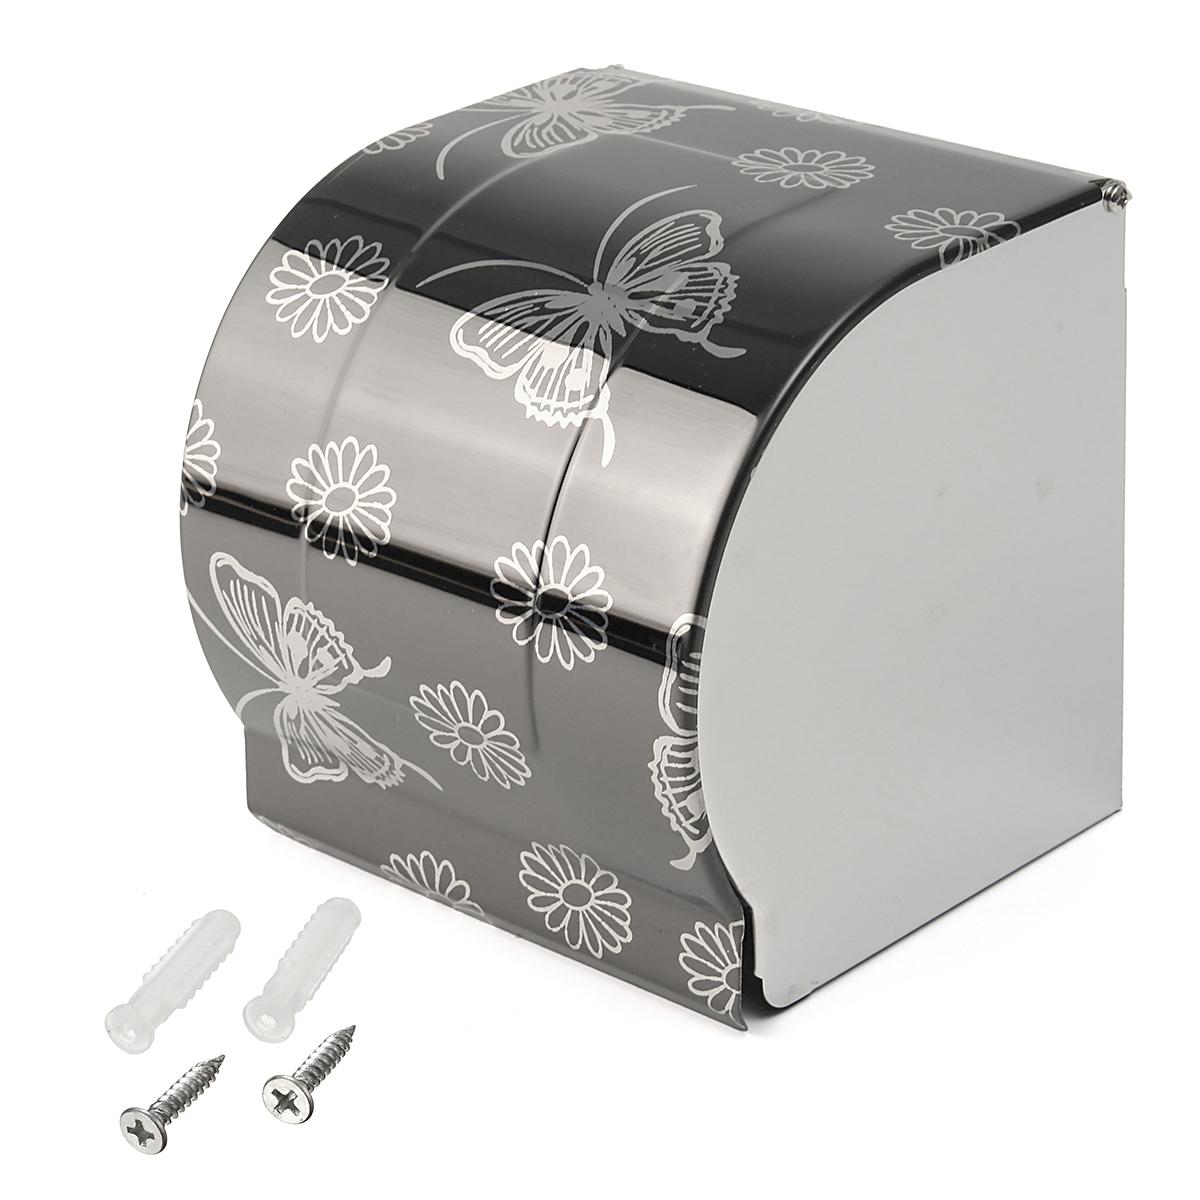 Panneaux Stratifies Salle De Bain Leroy Merlin ~ tempsa porte papier hygi nique rouleau papillon salle de bains